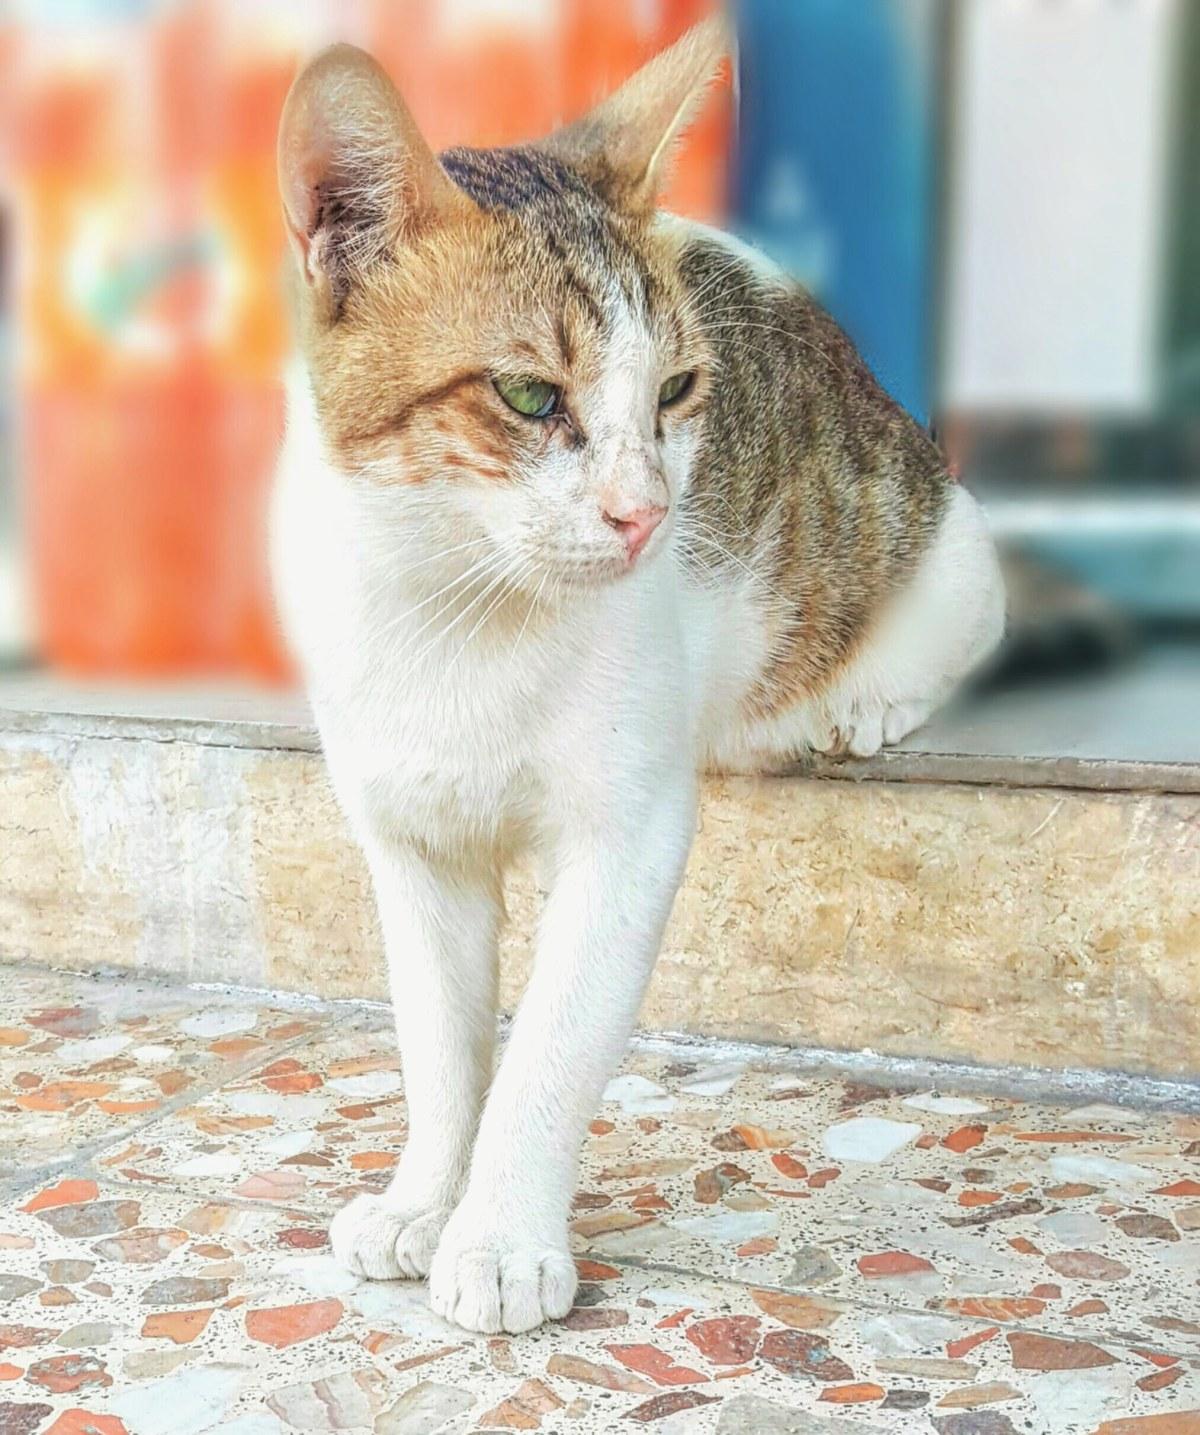 10 cat breedspersonalities